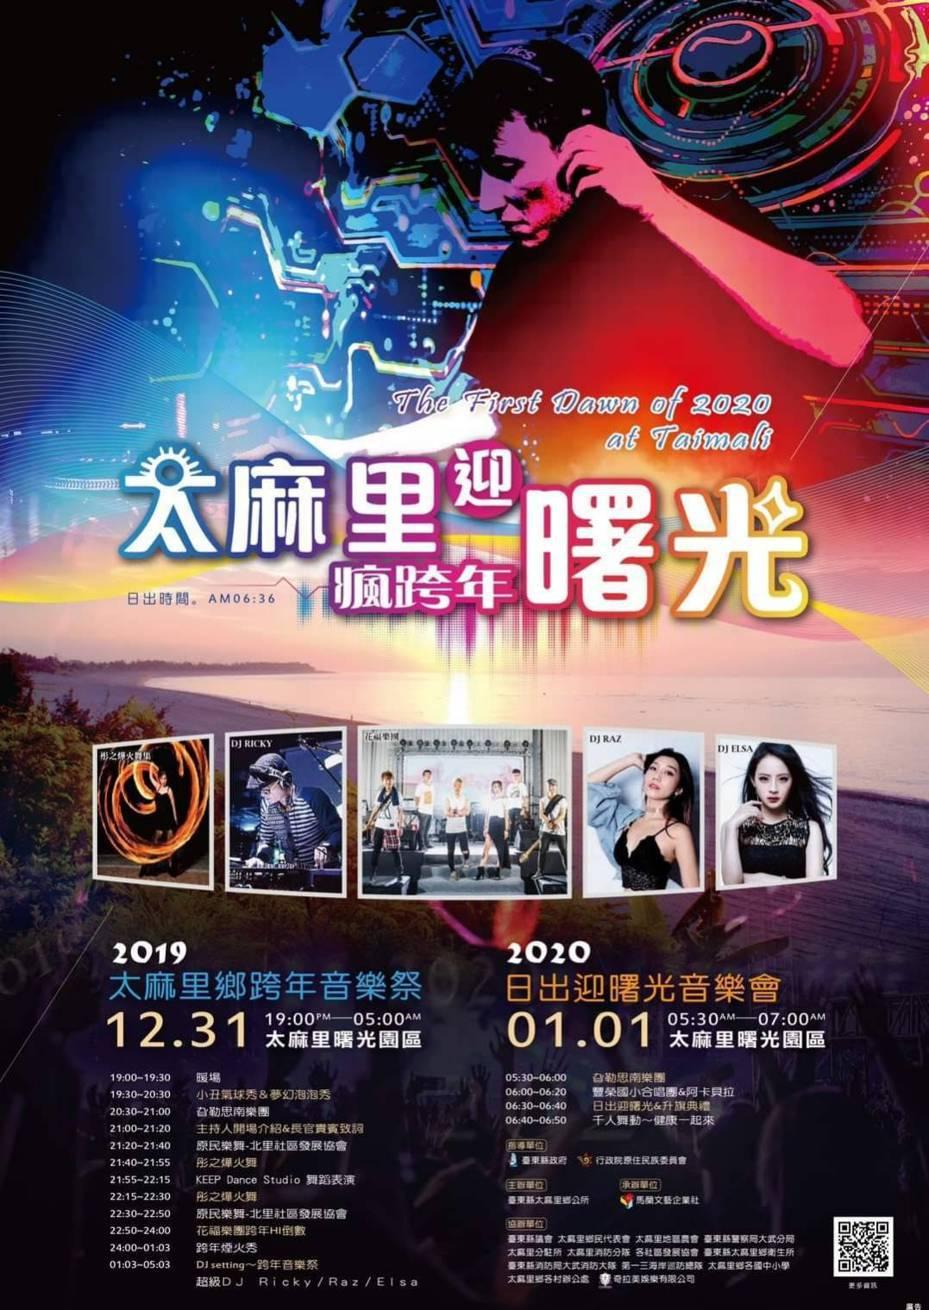 迎接2020年,台東太麻里跨年迎曙光活動,鄉公所將邀請DJ舉辦音樂祭,長達5個小時的音樂趴,嗨瘋曙光園區。記者尤聰光/翻攝